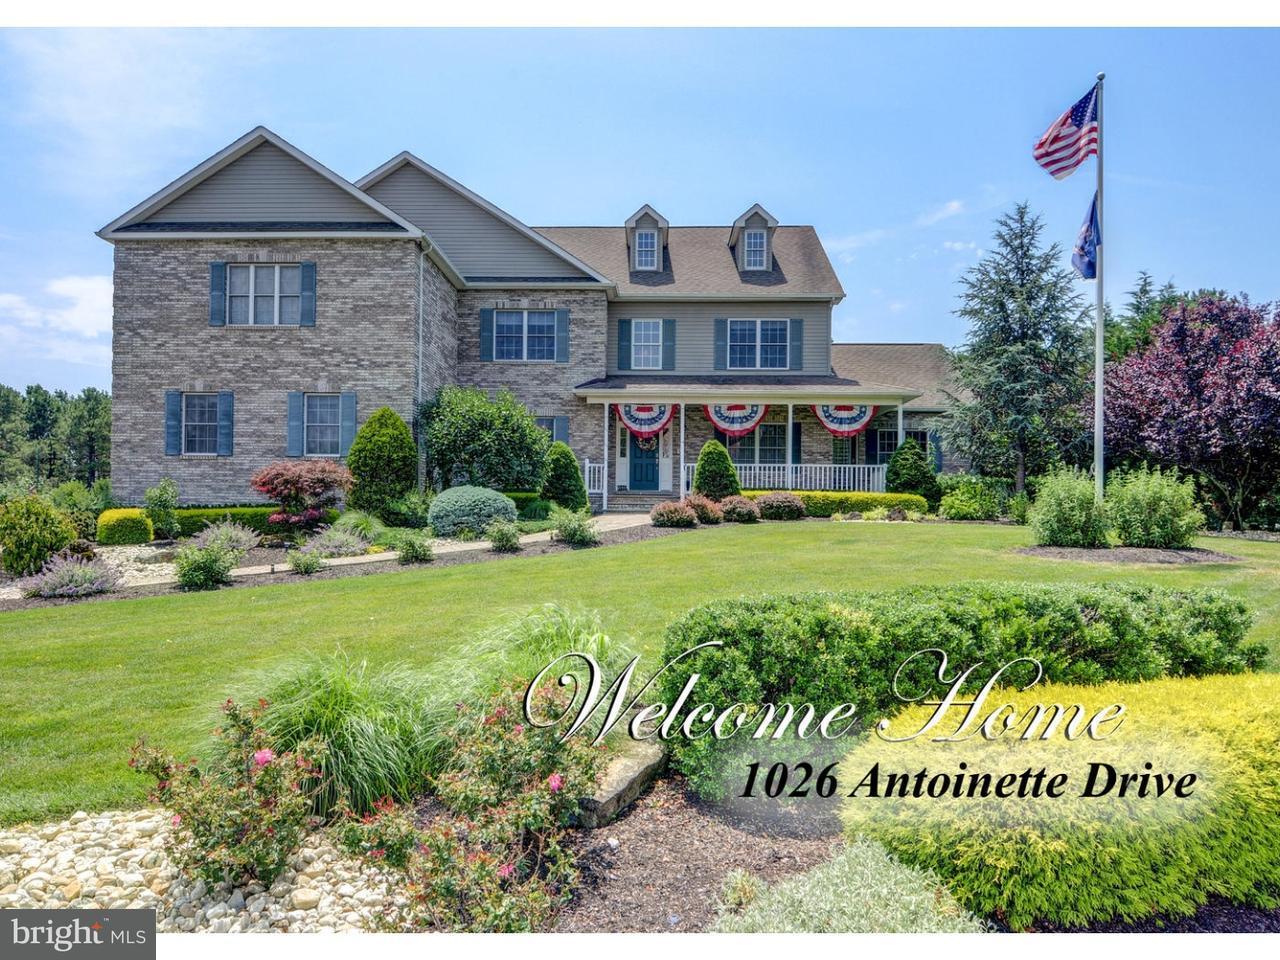 一戸建て のために 売買 アット 1026 ANTOINETTE Drive Monroe, ニュージャージー 08831 アメリカ合衆国で/アラウンド: Monroe Township